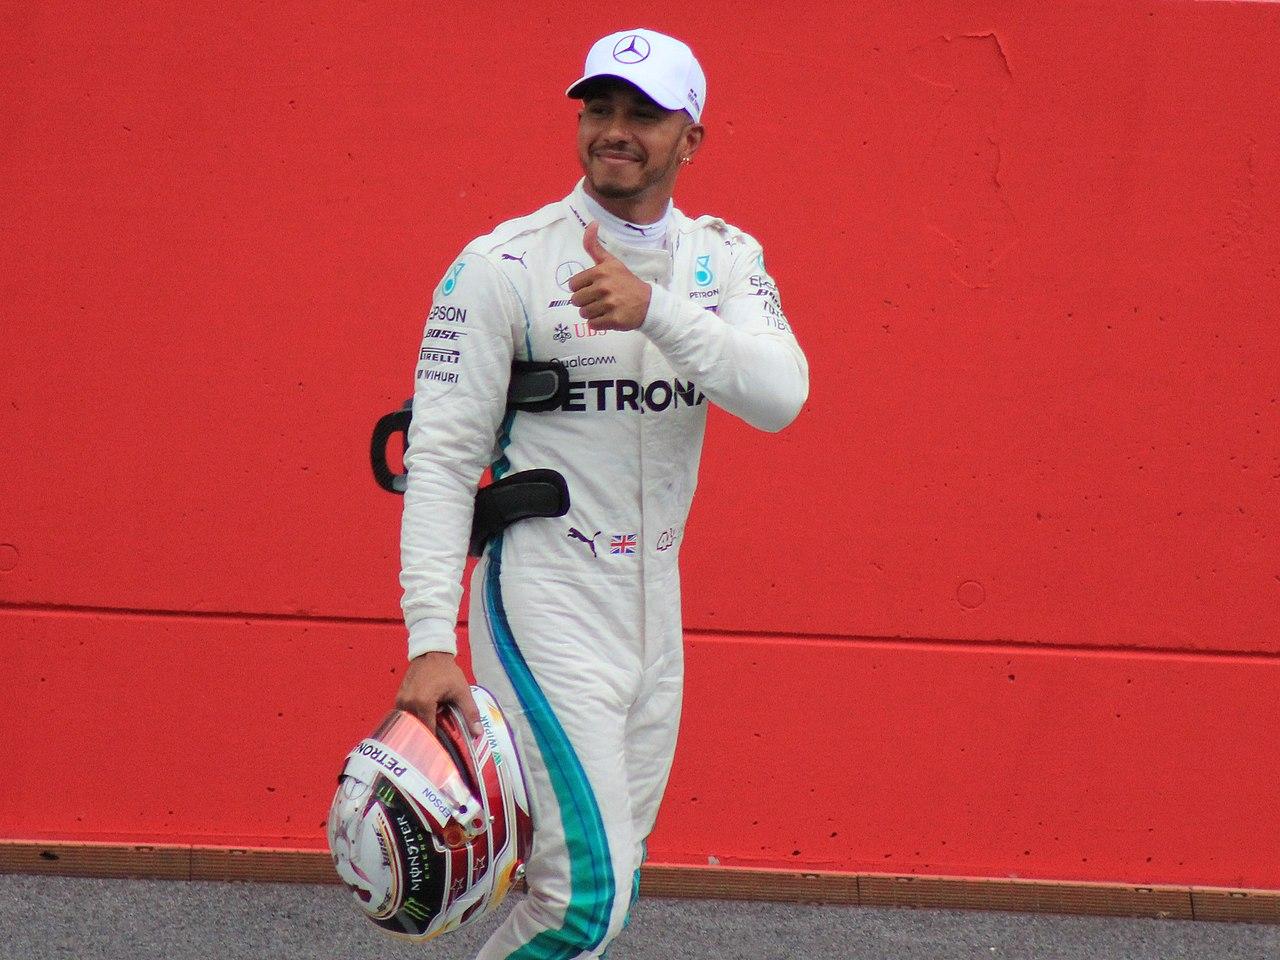 Lewis Hamilton. Foto: Lukas Raich. CC BY-SA 4.0